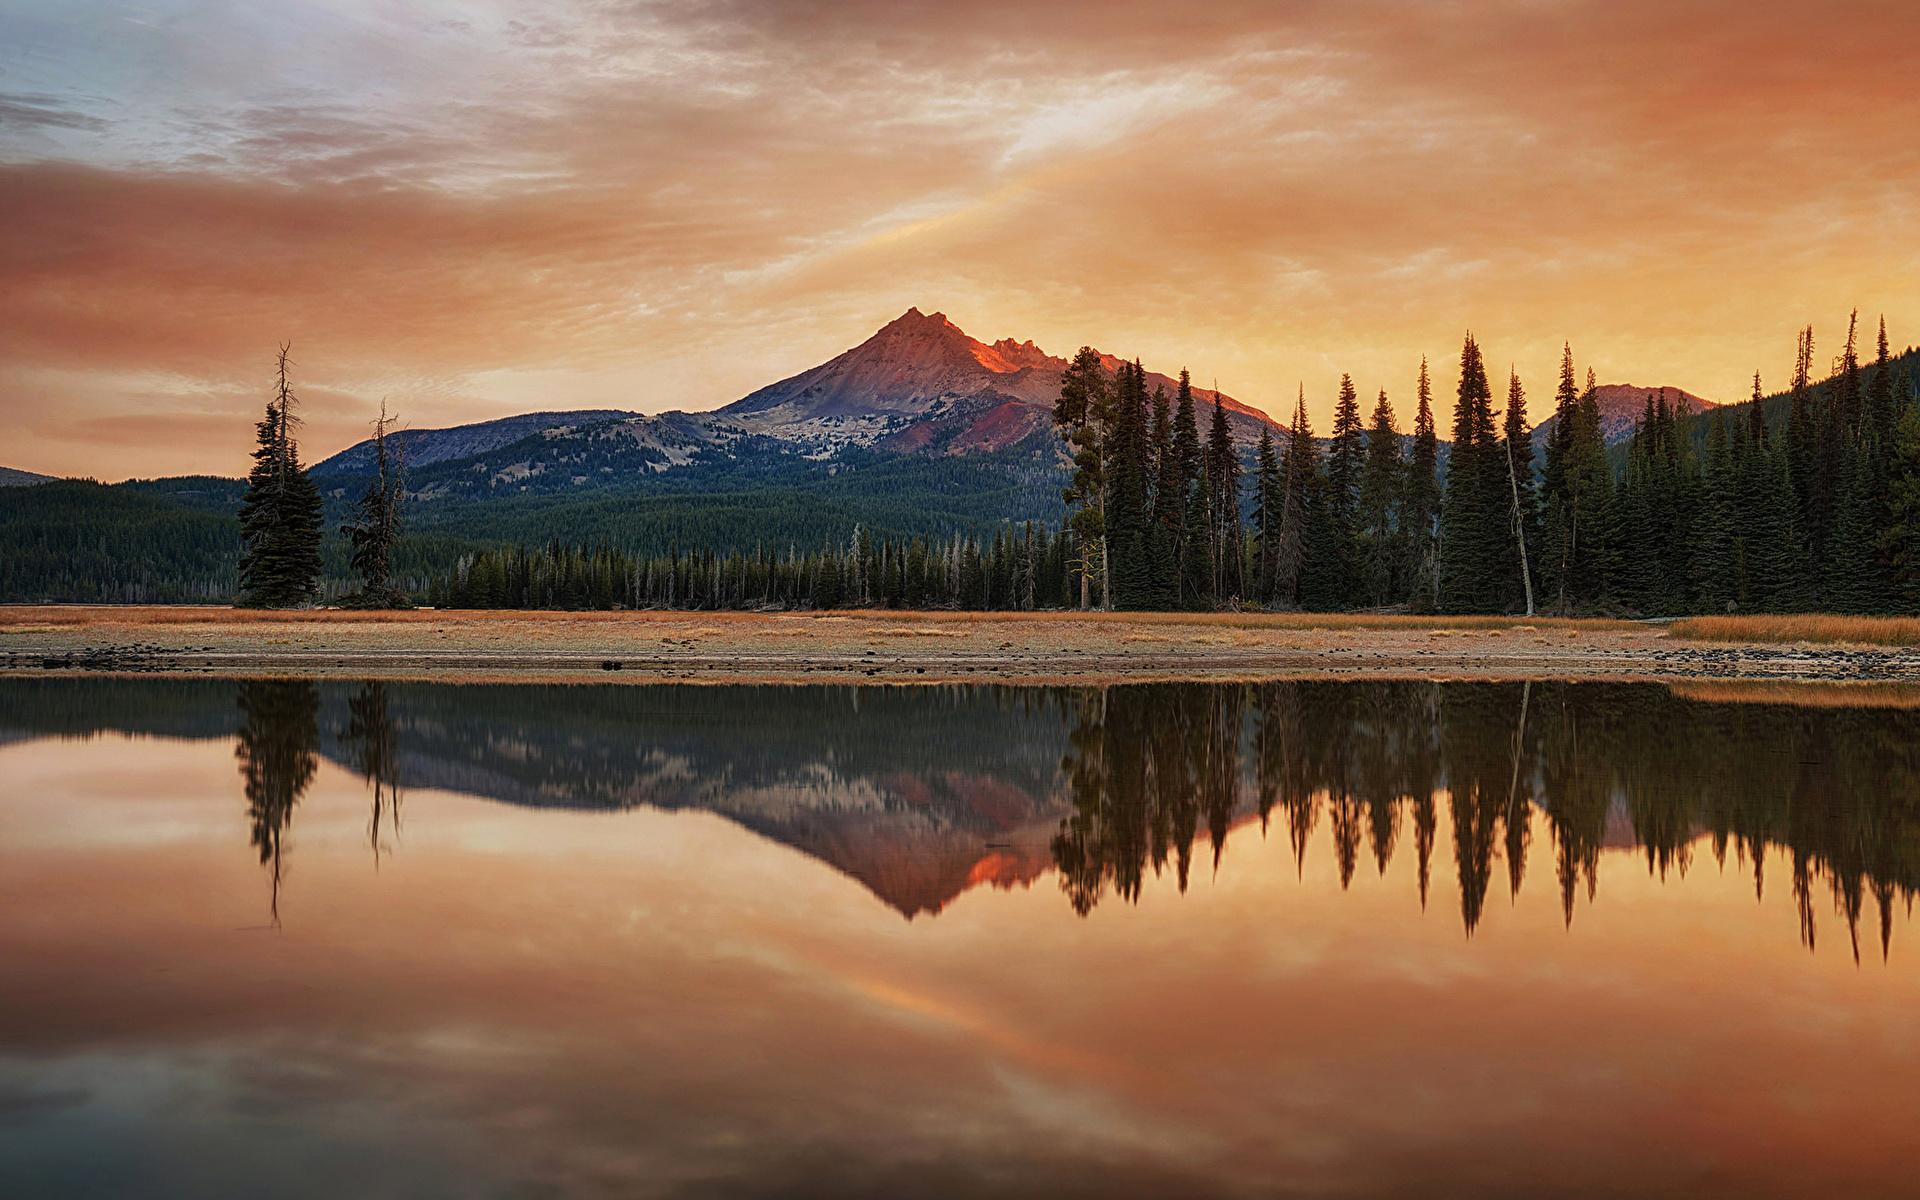 природа деревья Озеро отражение горы облака без смс